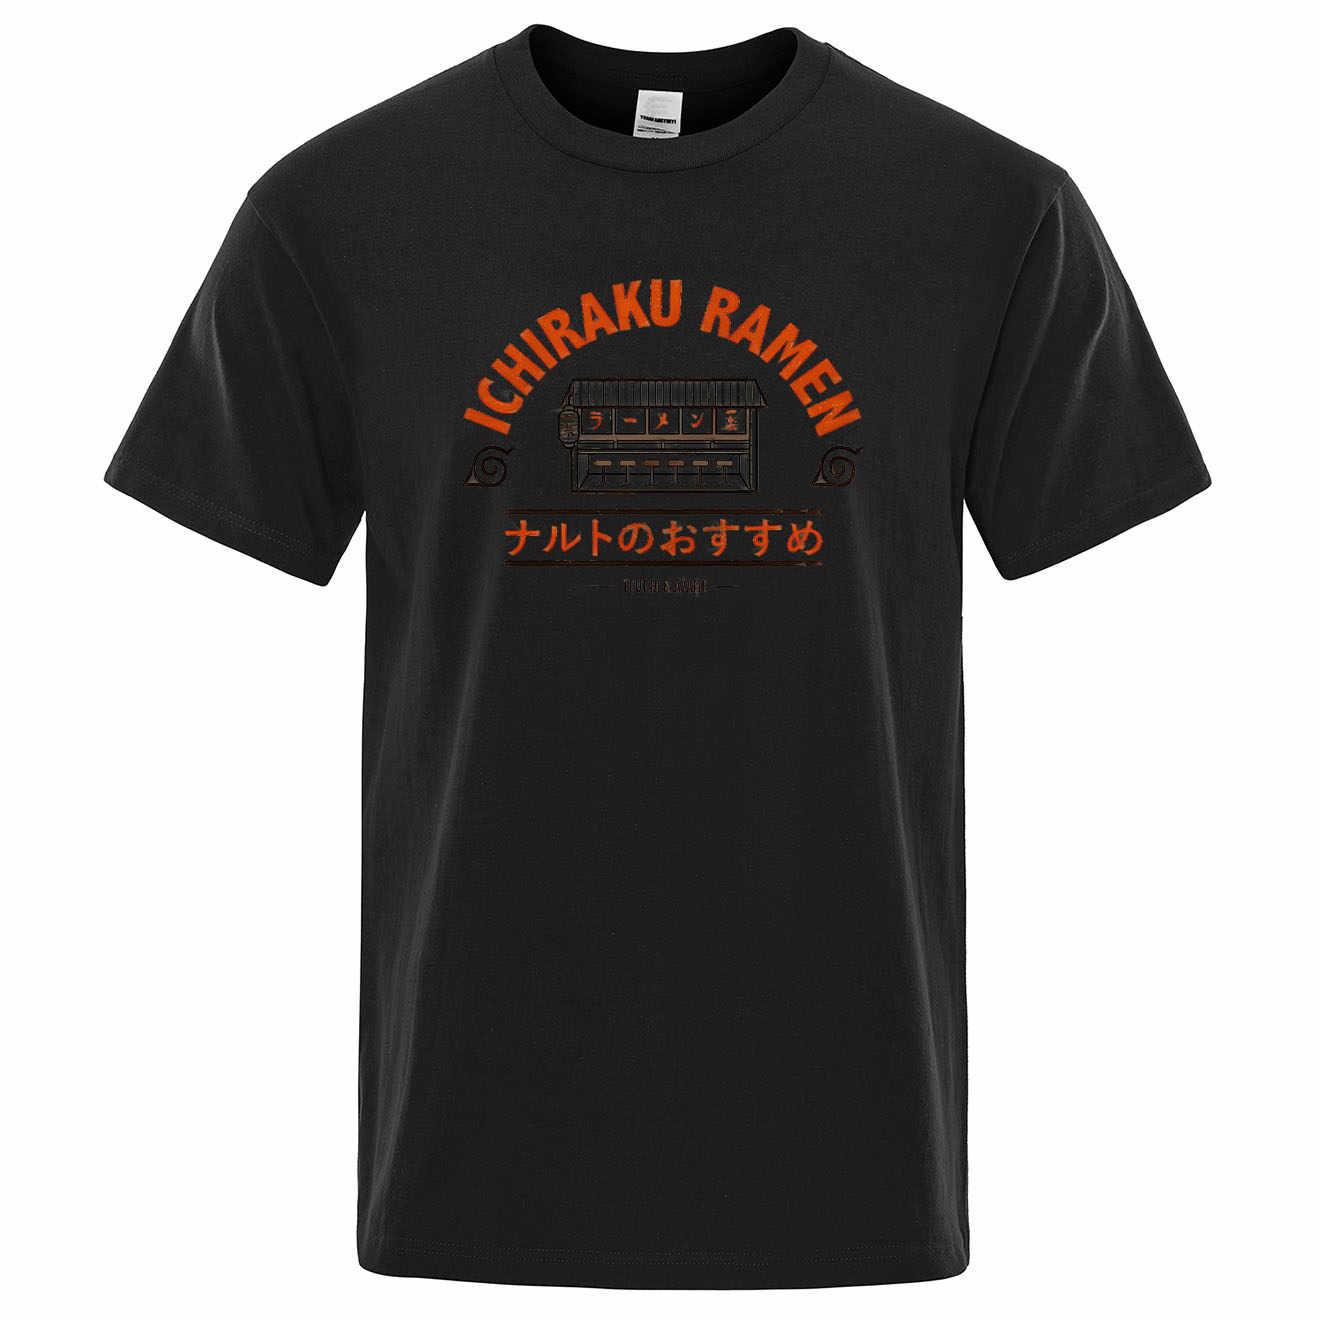 Ichiraku Ramen mężczyzna T koszula Naruto koszulka męska Tshirt Ninja topy śmieszne koszulki Ajax odzież japonia Anime Harajuku Streetwear